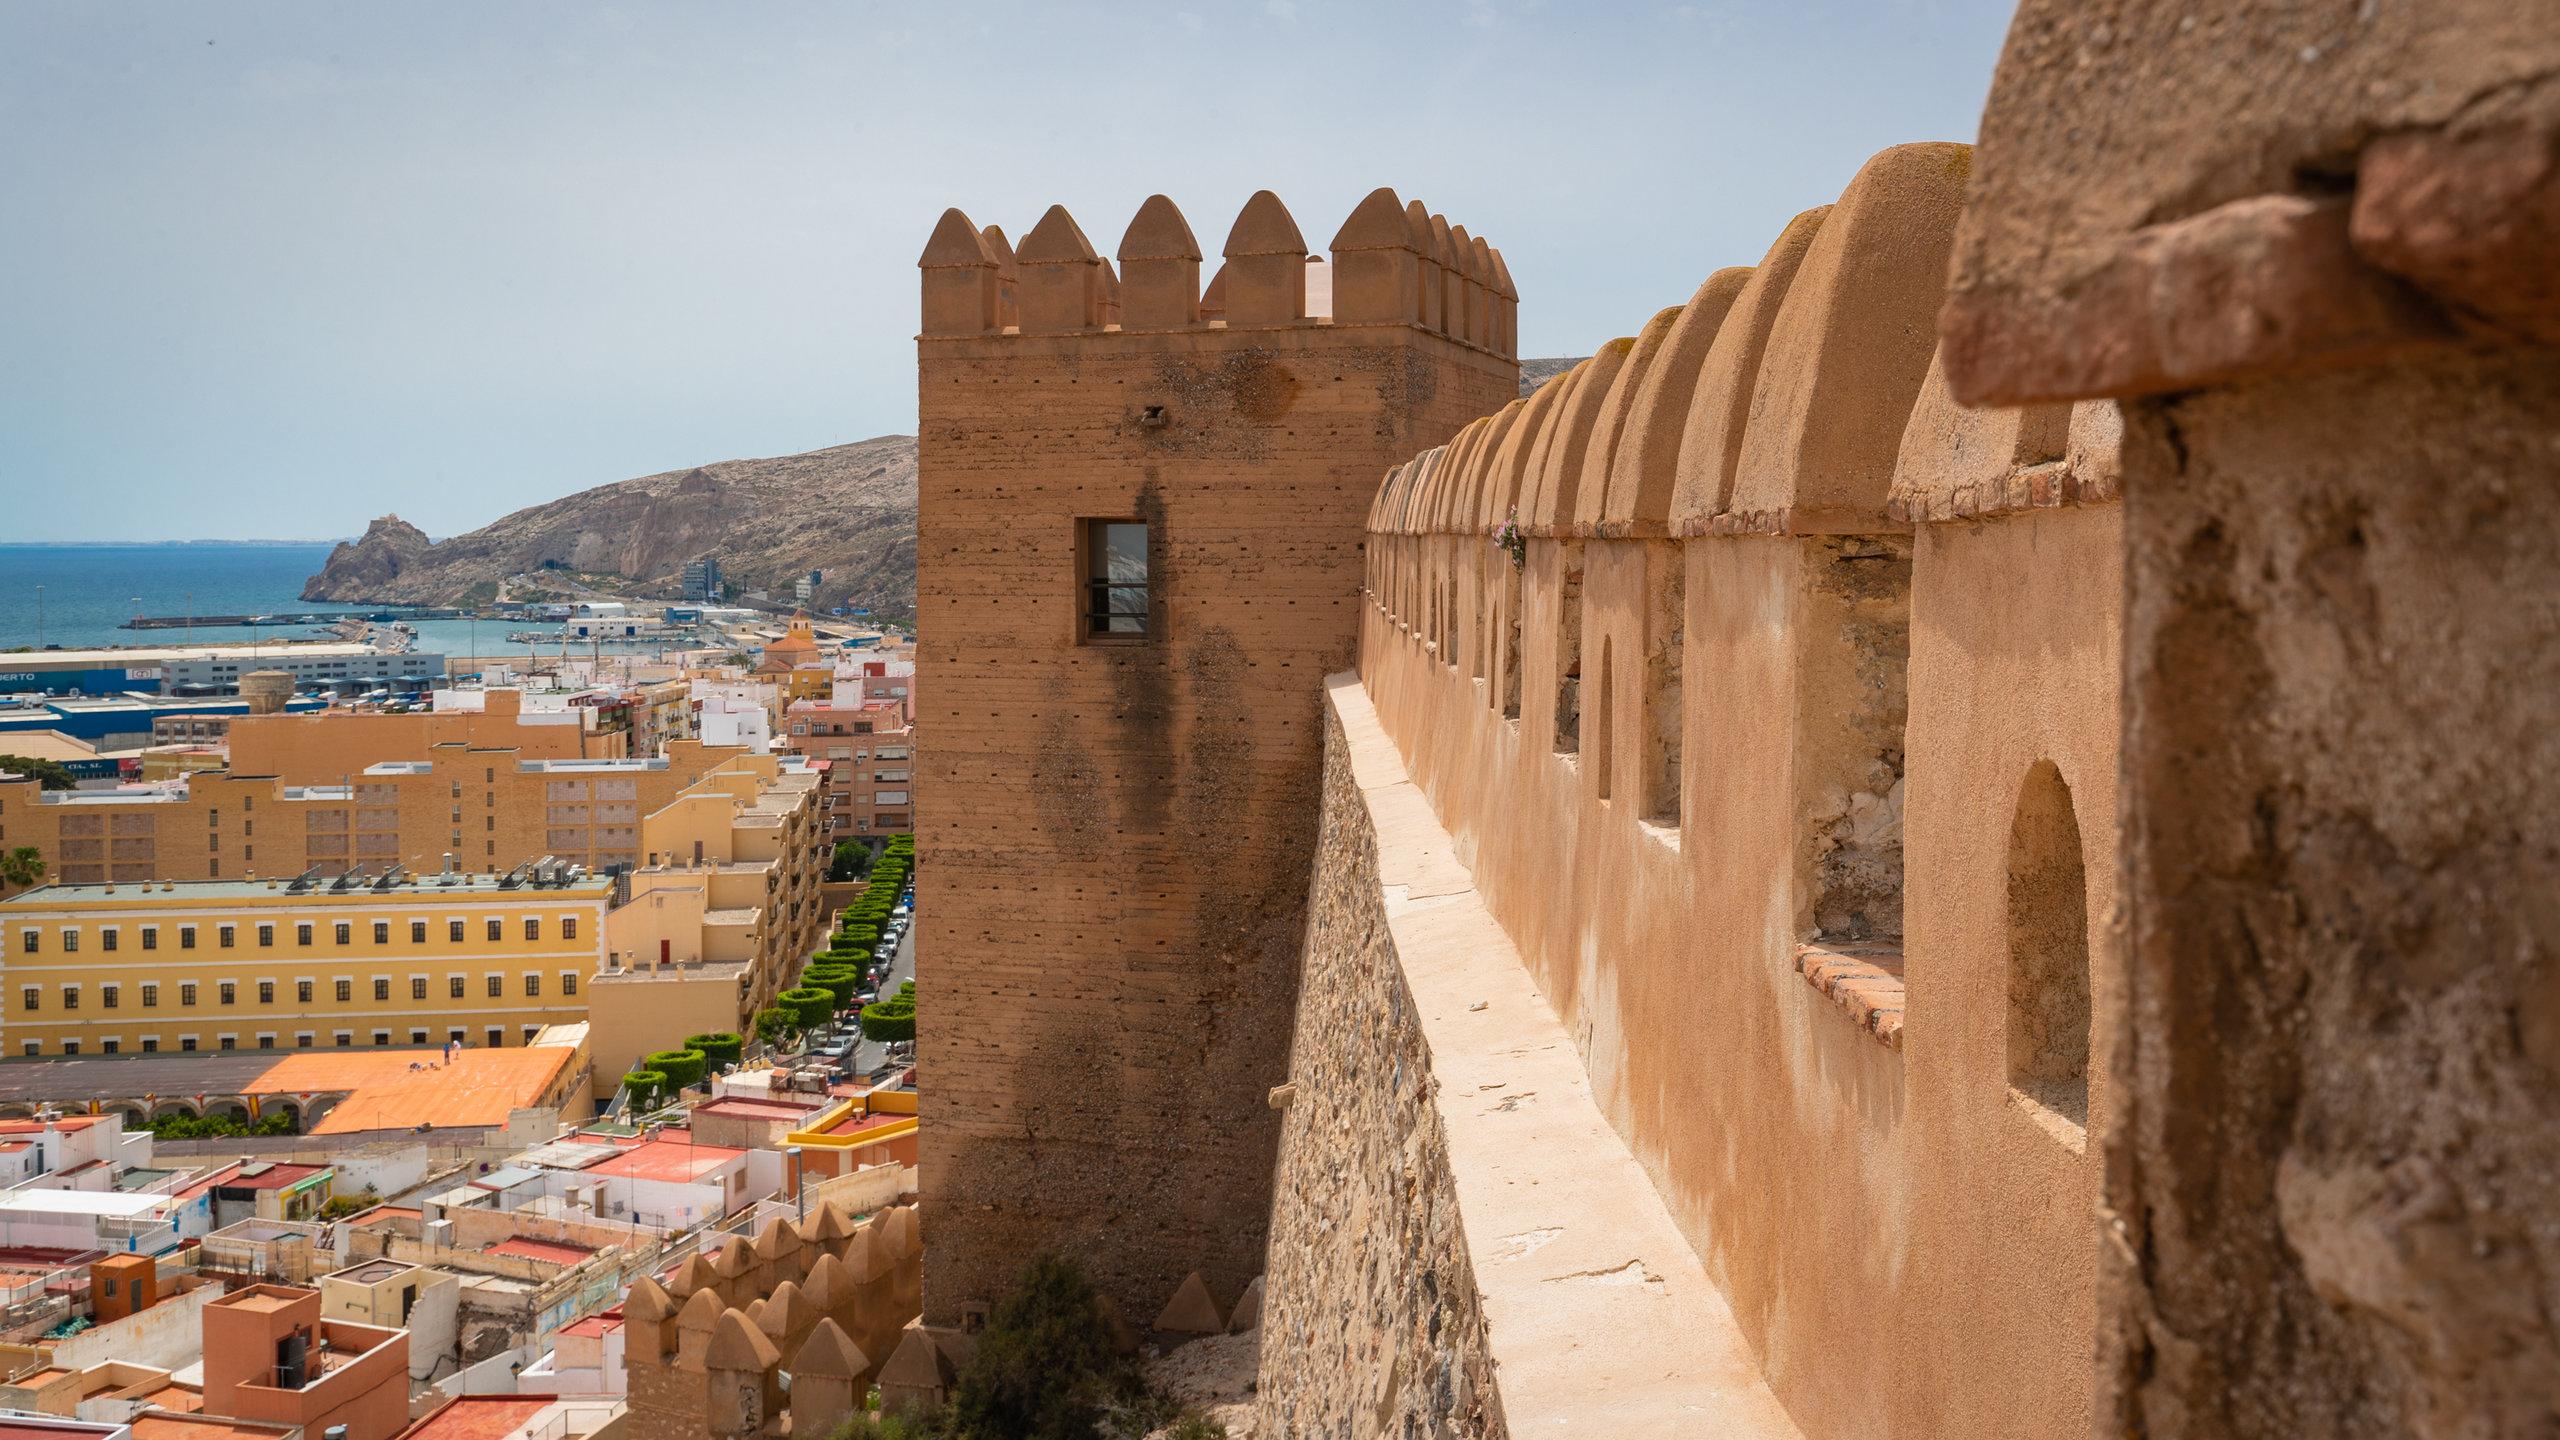 Costa de Almeria, Spain